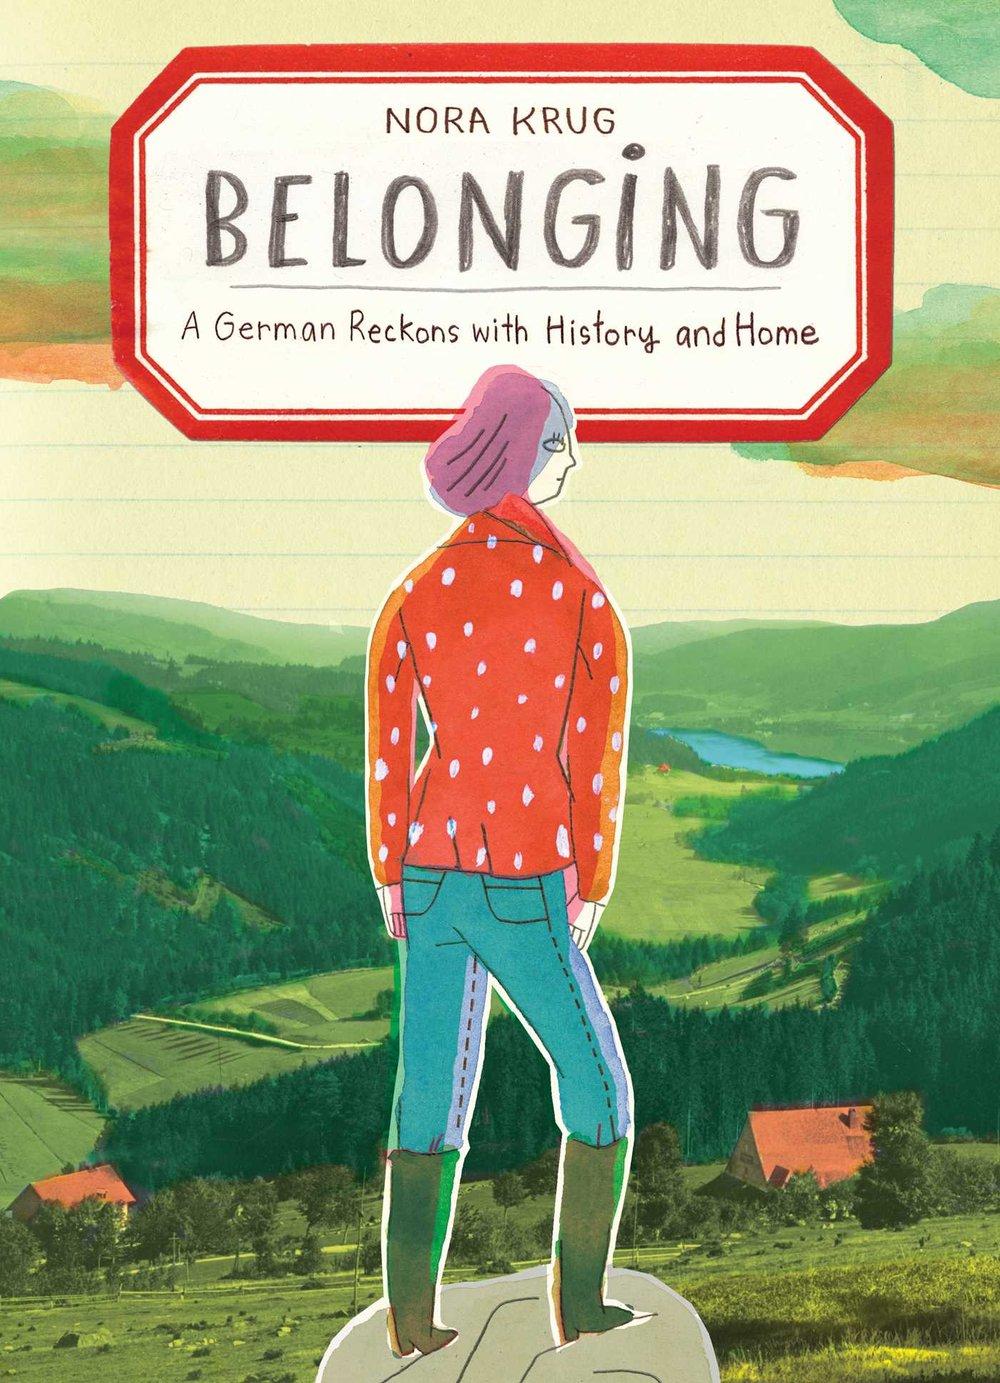 belonging-9781476796628_hr.jpg